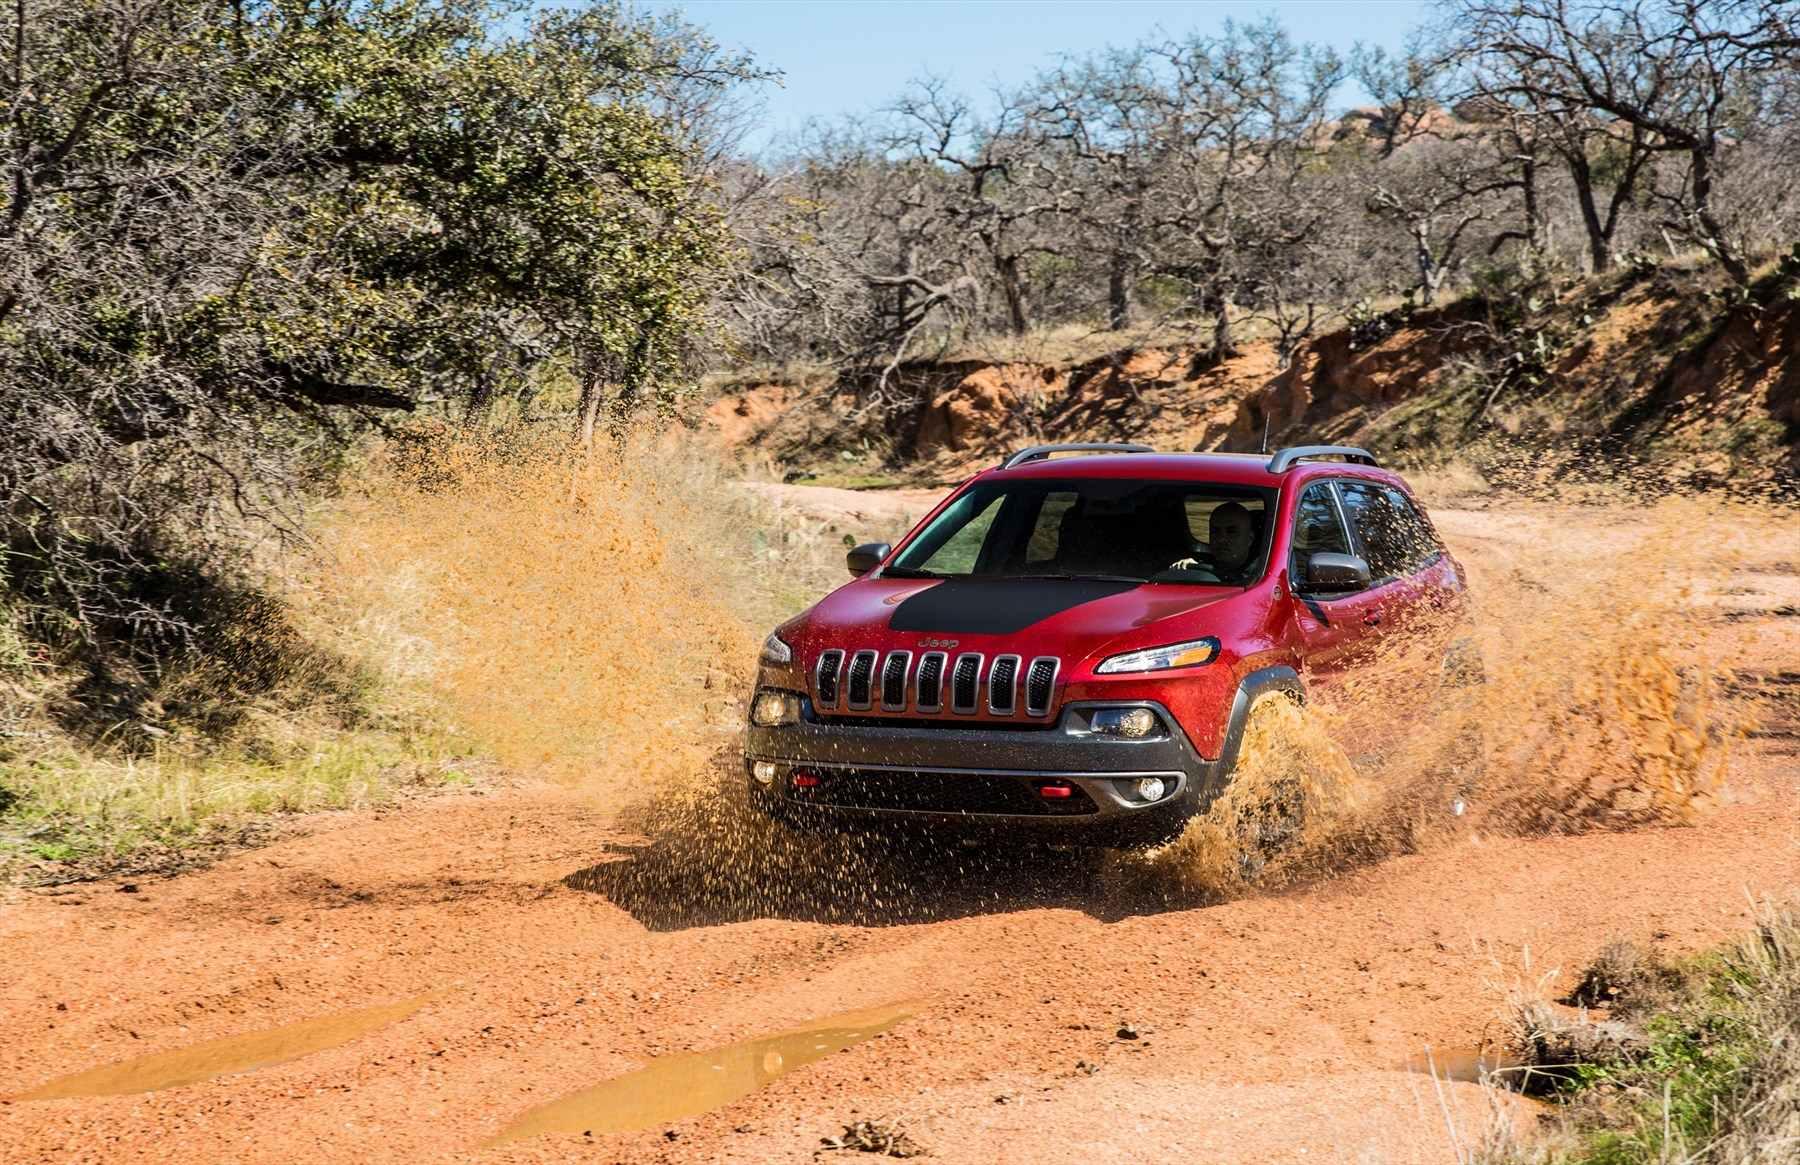 Jeep Cherokee (2014): Launch Drive